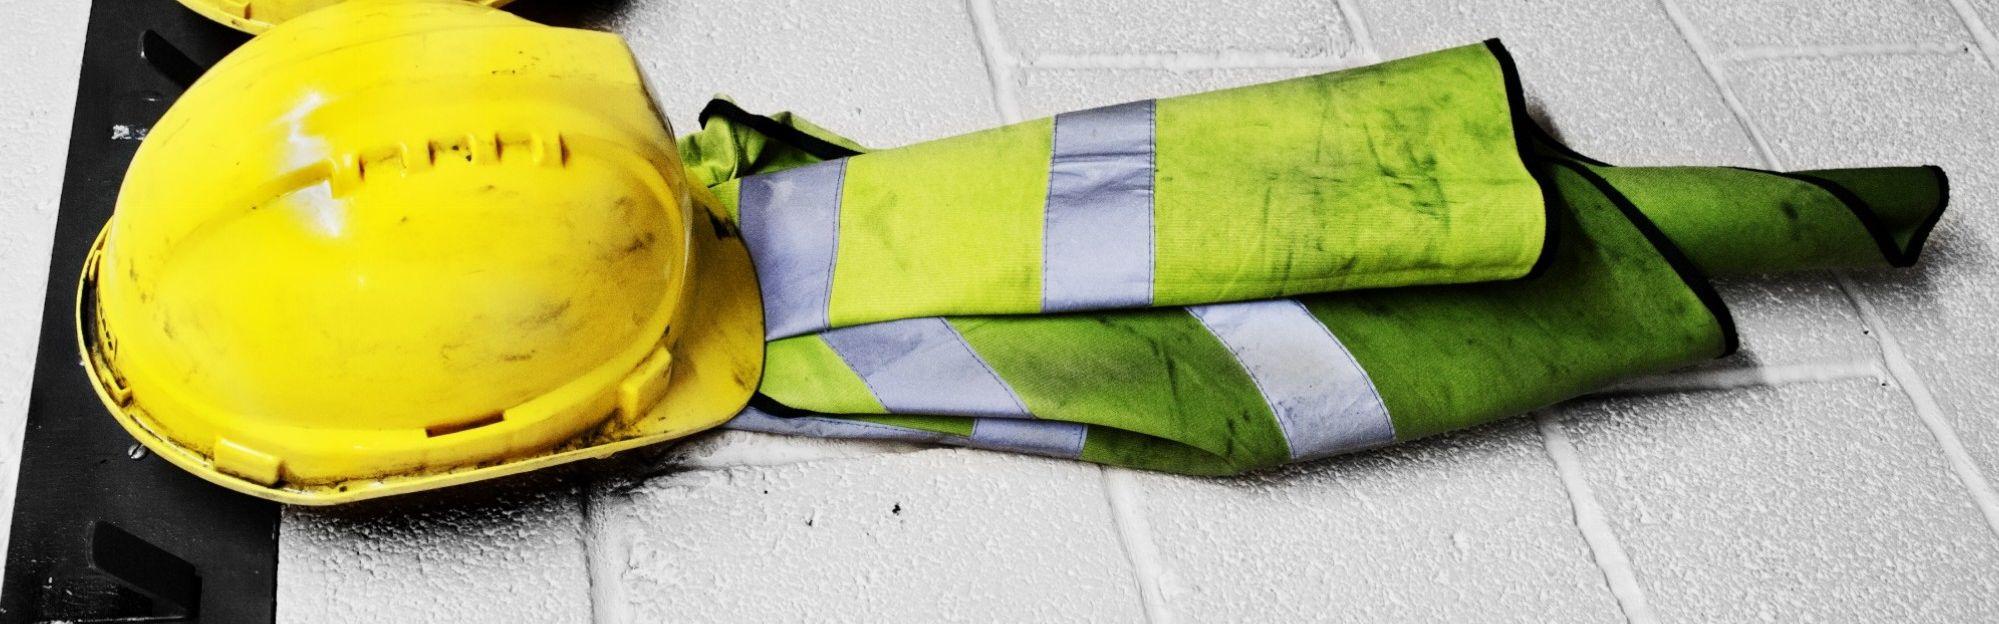 Wie kann ich mich im Beruf vor Verletzungen schützen?